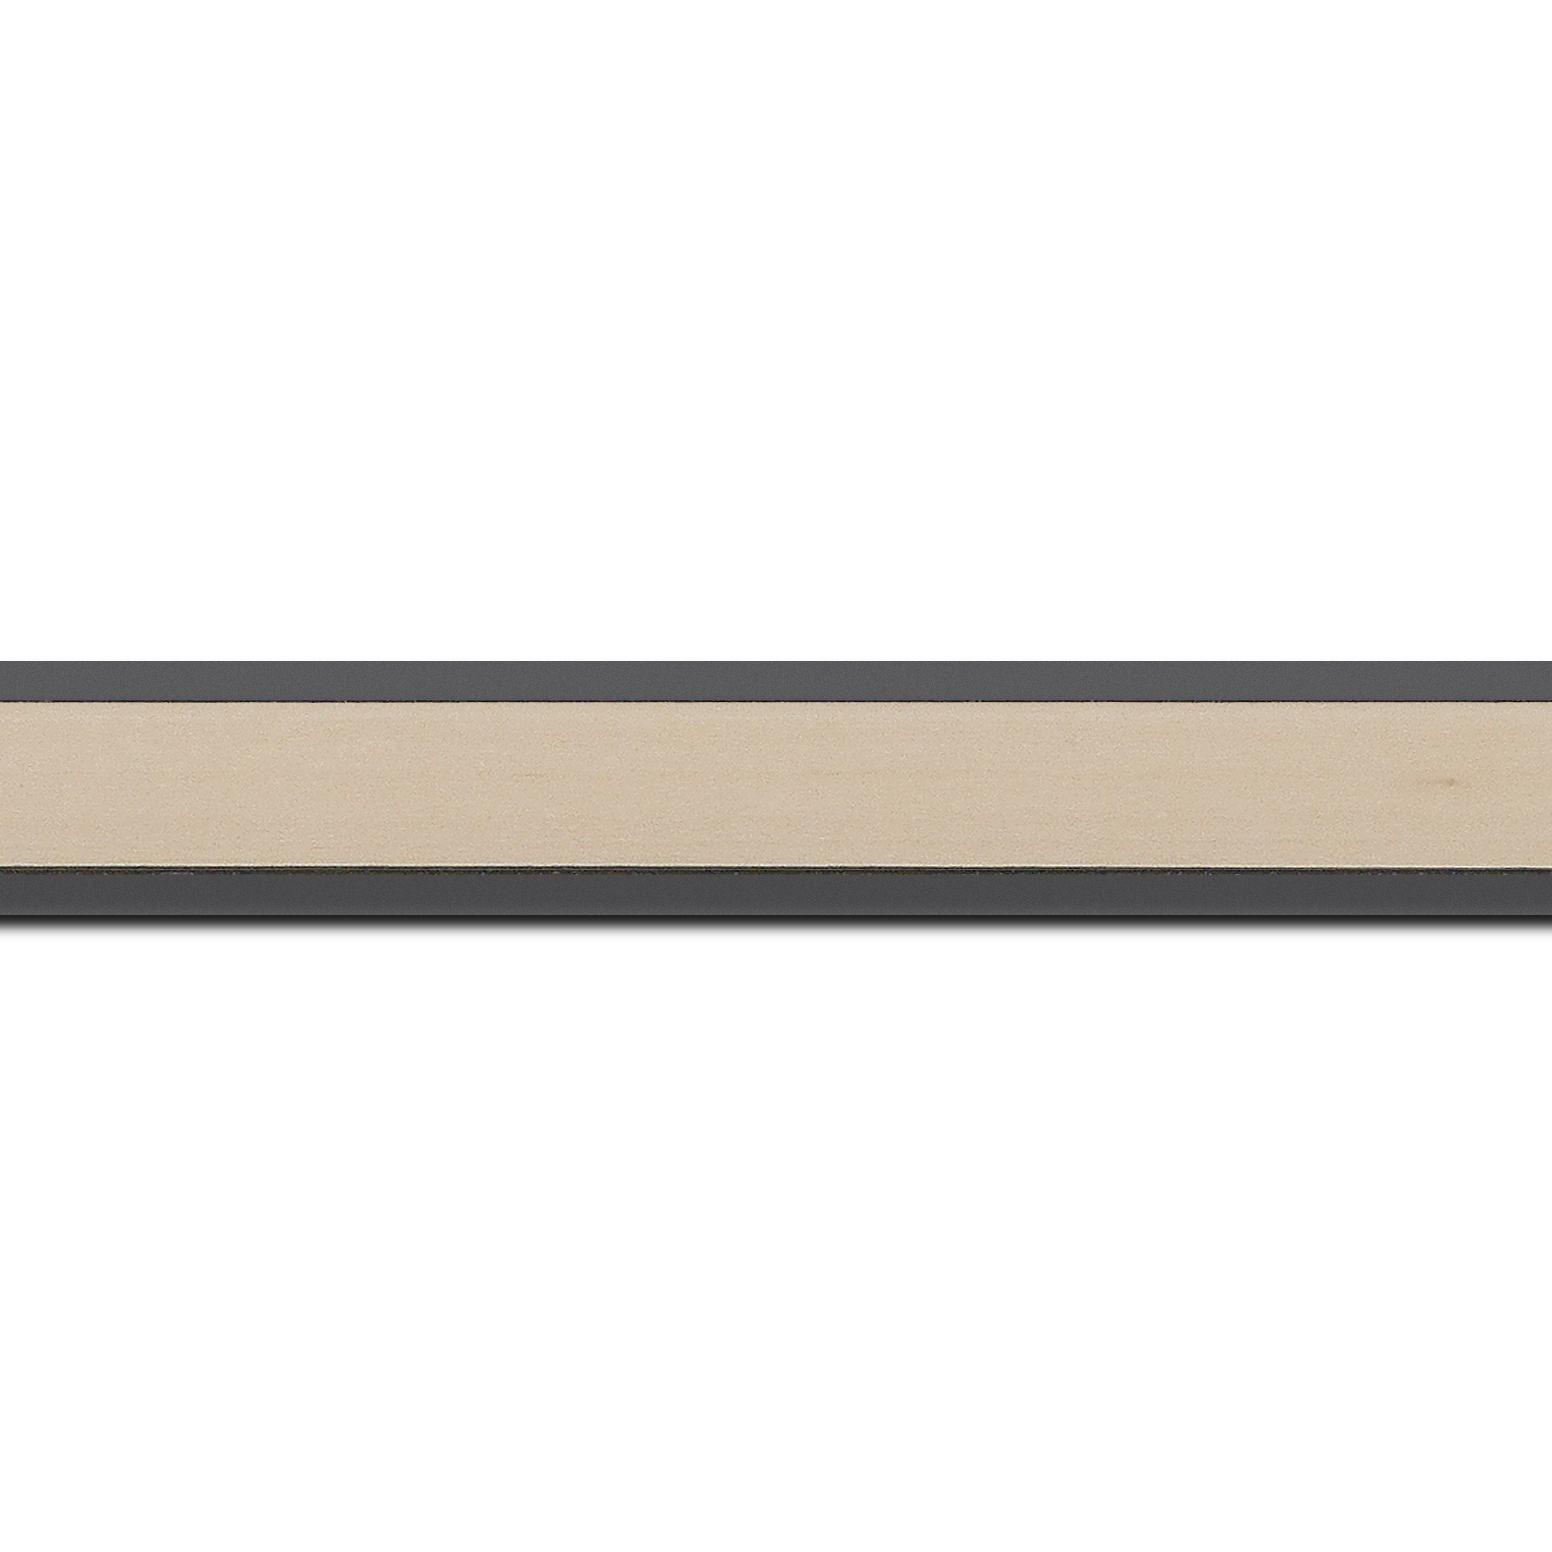 Baguette longueur 1.40m bois essence marupa profil plat largeur 2.5cm plaquage érable teinté coquille d'œuf,  filet intérieur et extérieur gris foncé